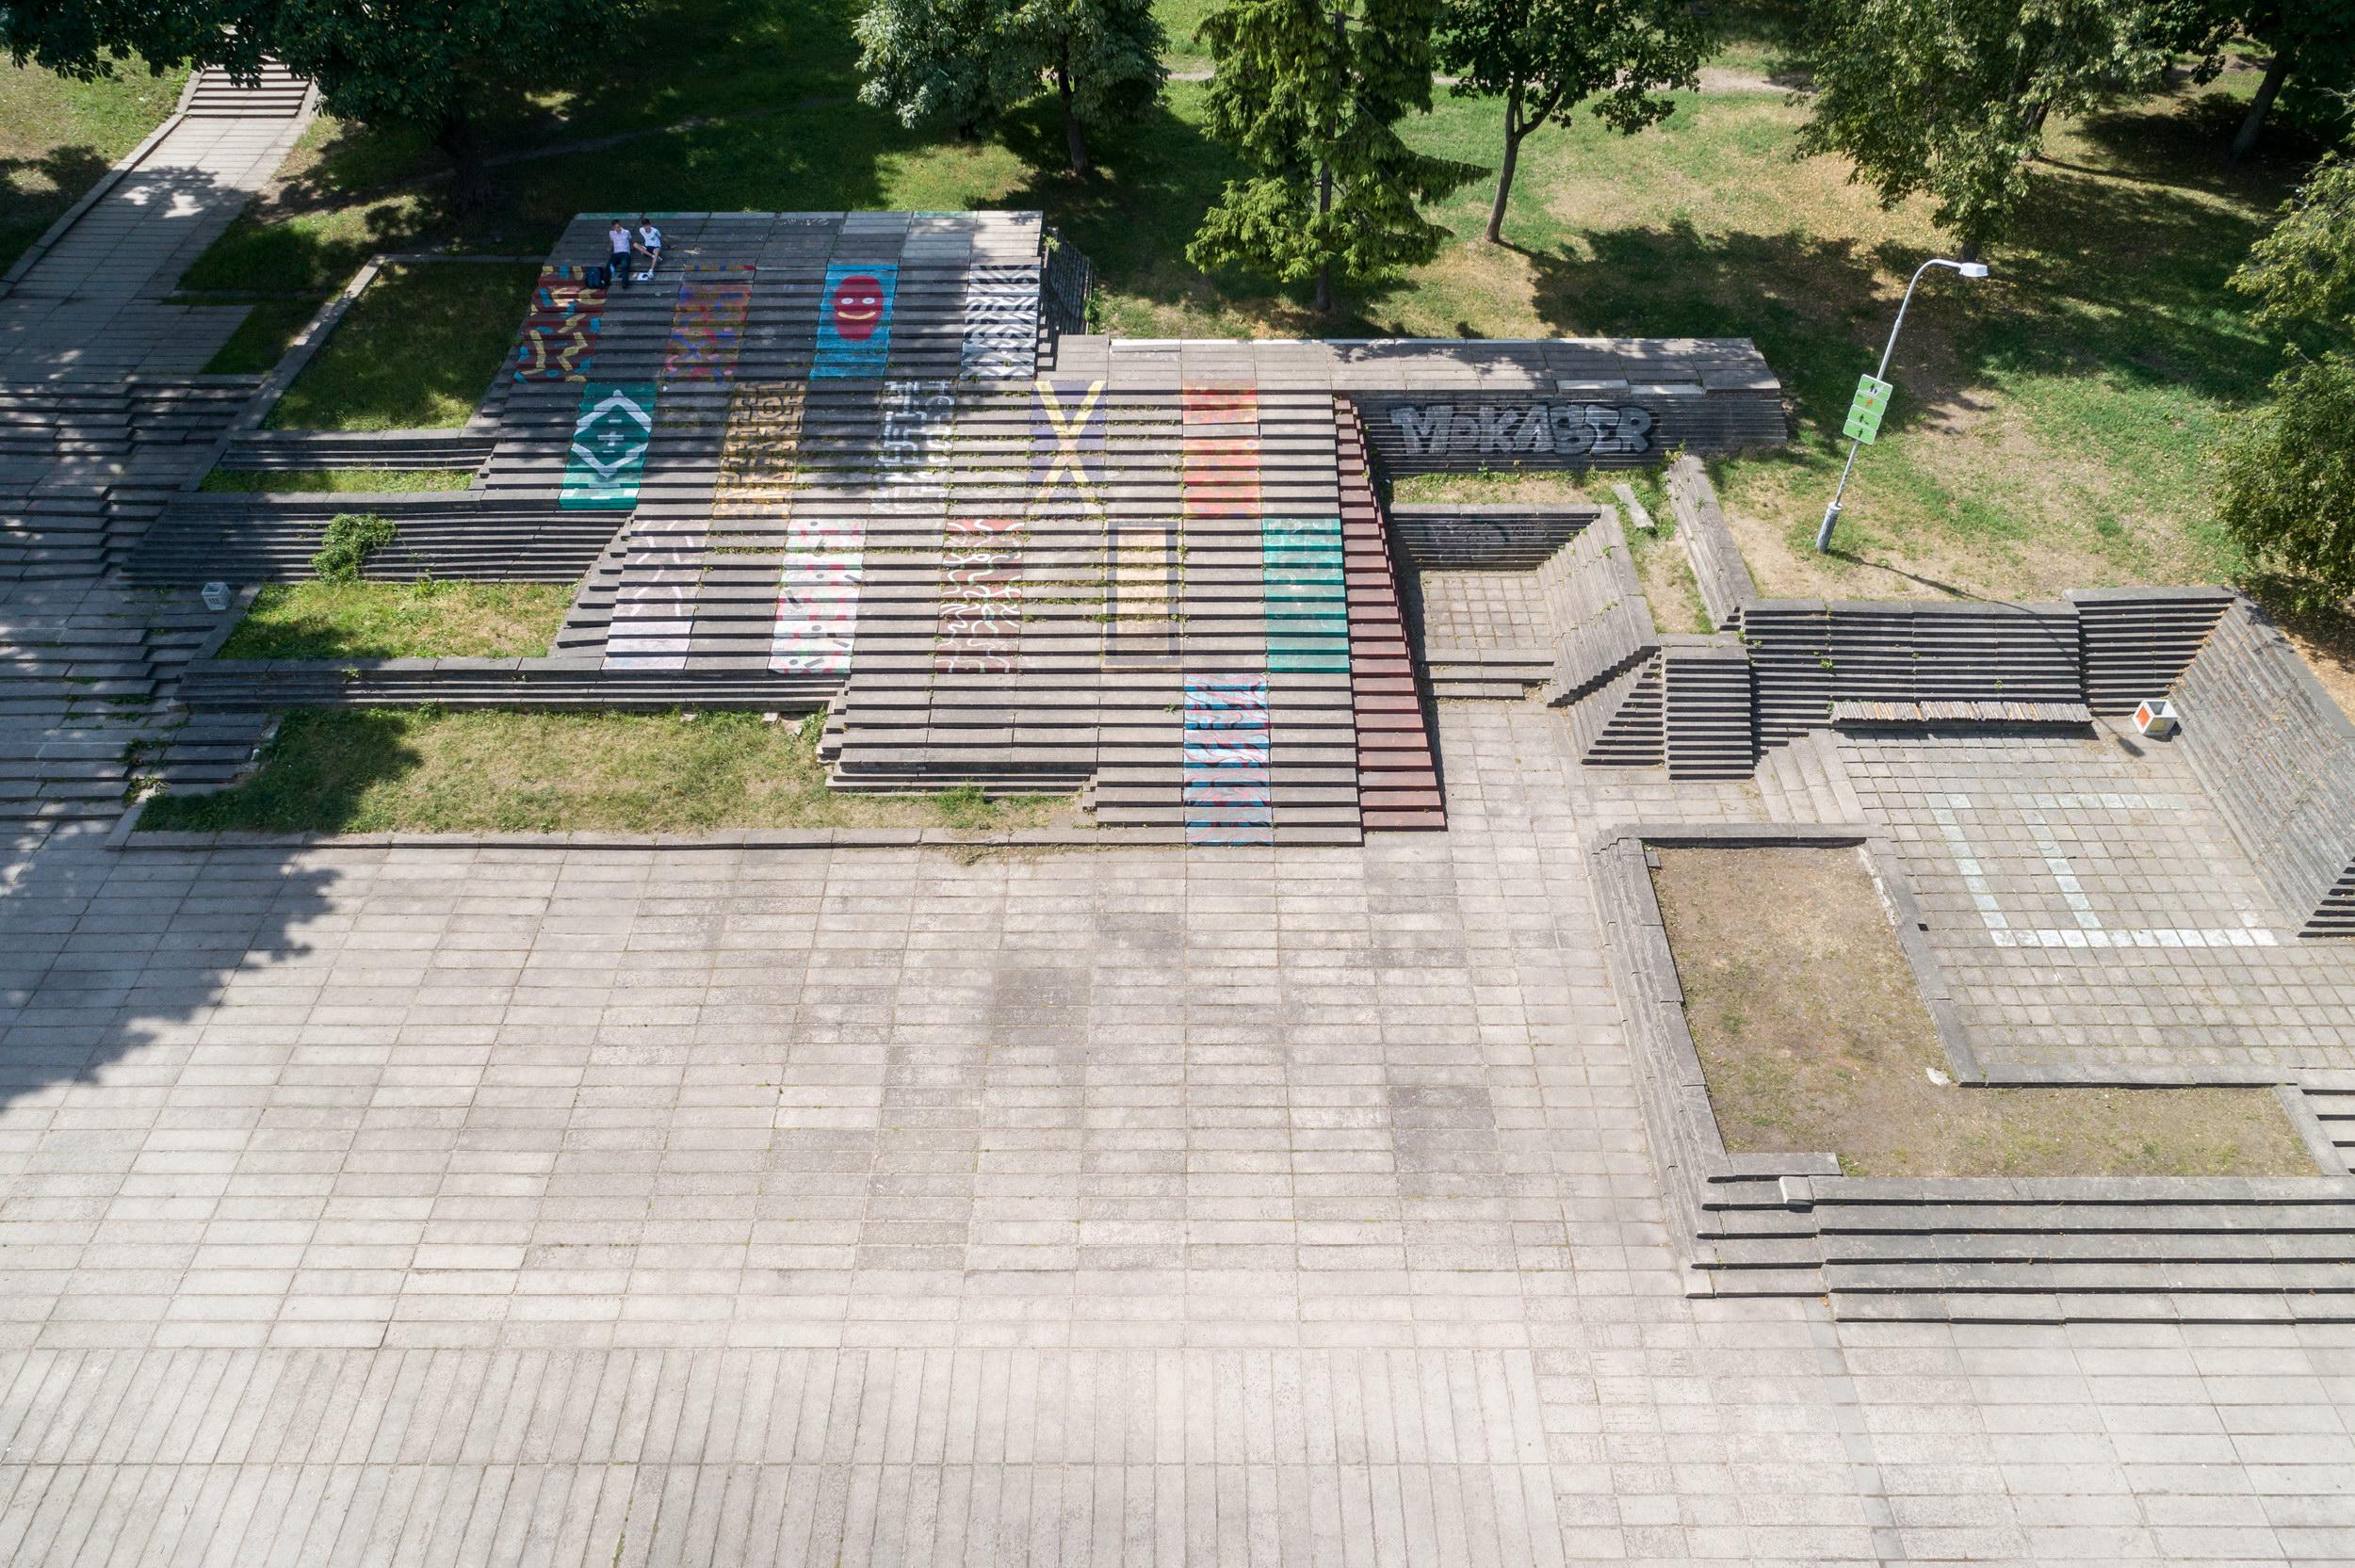 Betoniniai laiptai Reformatu sode, Vilniuje | Vilniaus m. savivaldybes-nuotr.